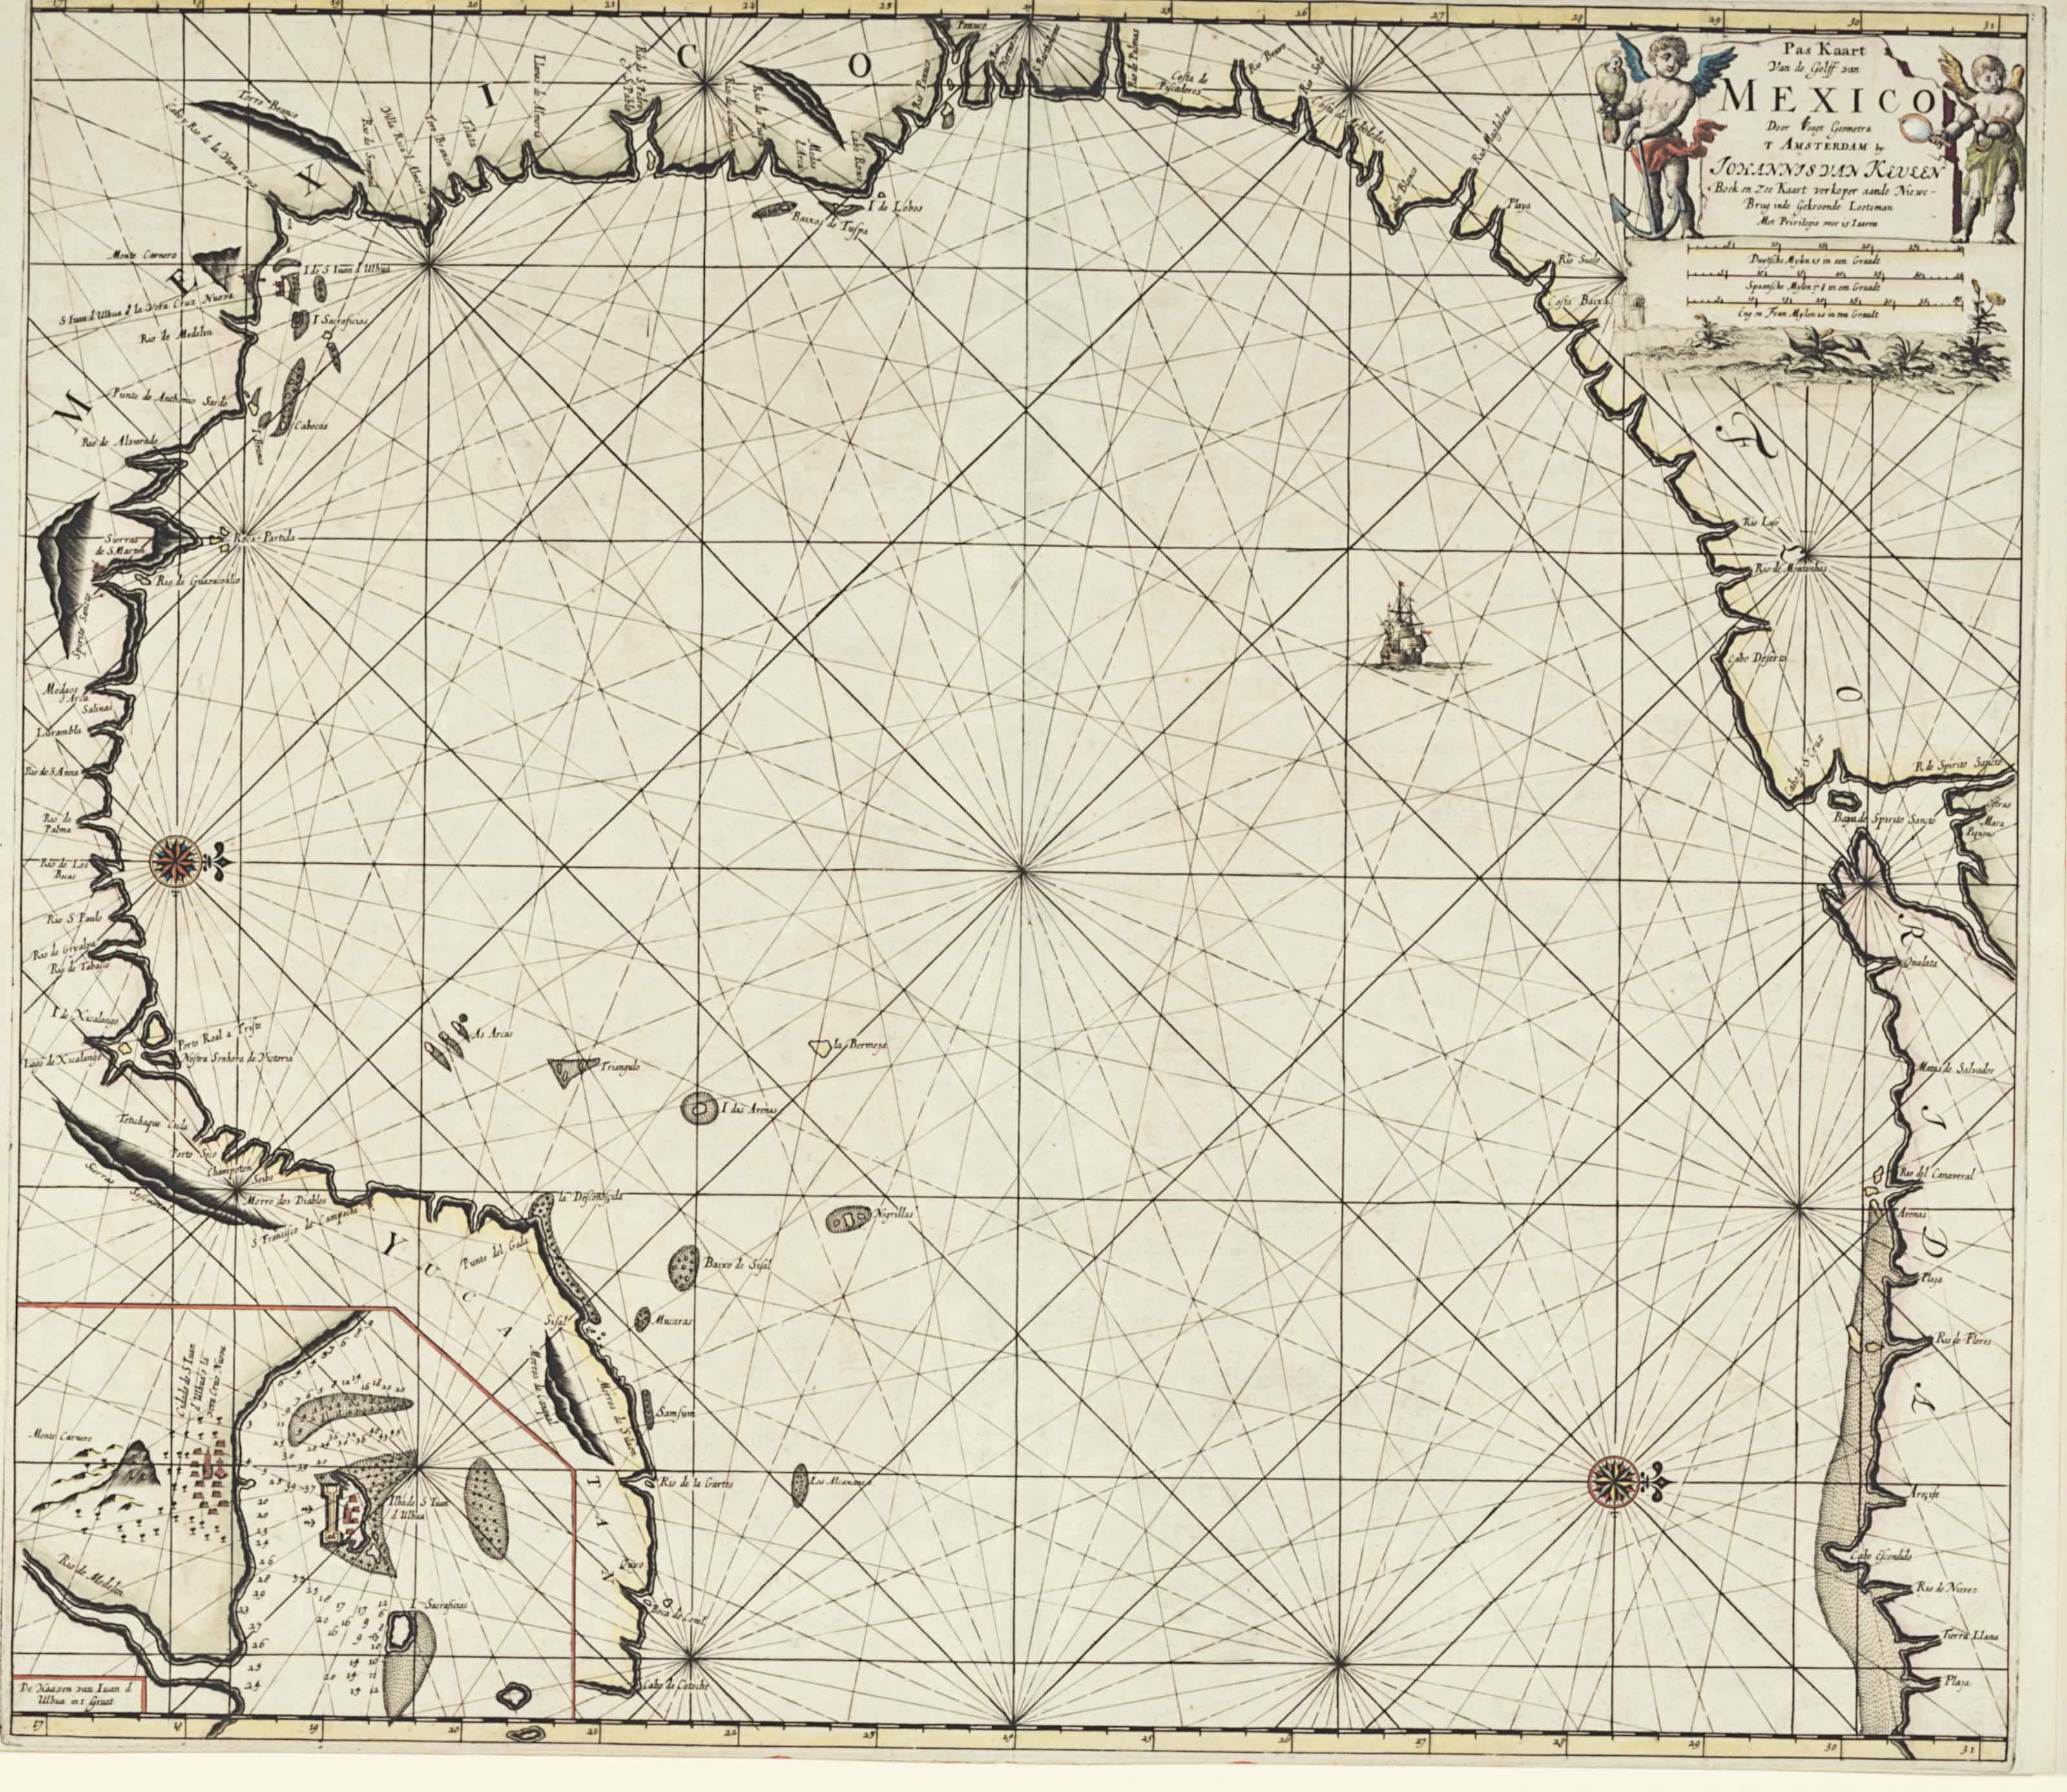 KEULEN, Gerard van (1654-1715)